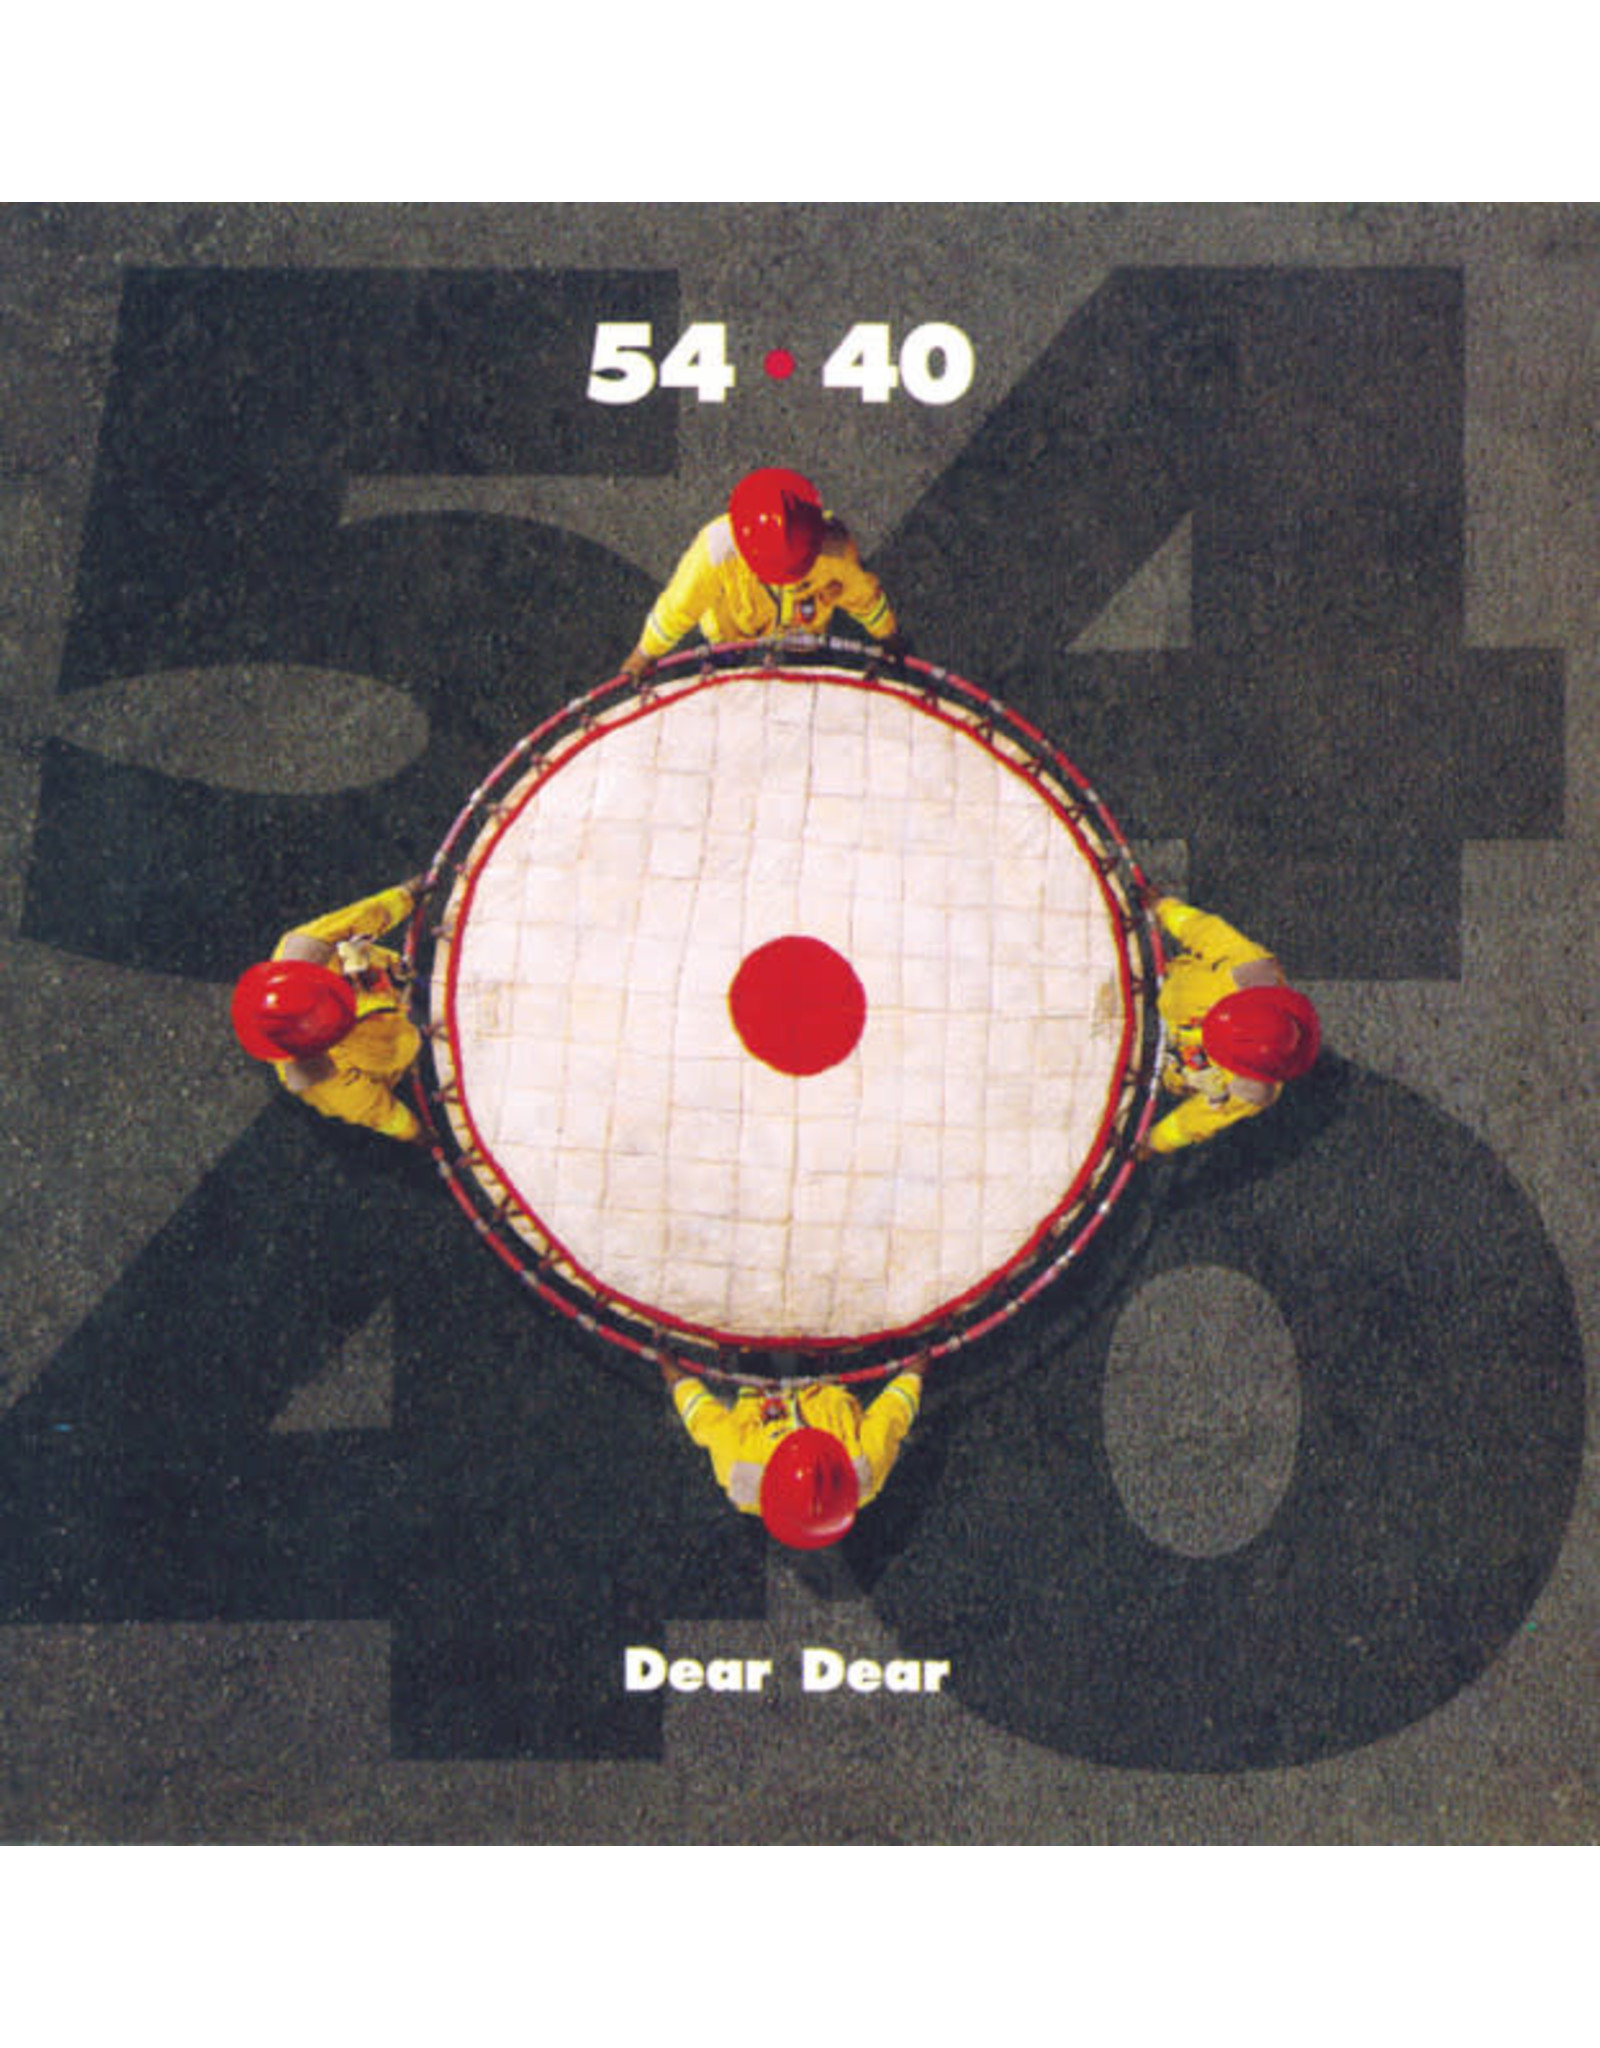 Vinyl 54.40 - Dear Dear